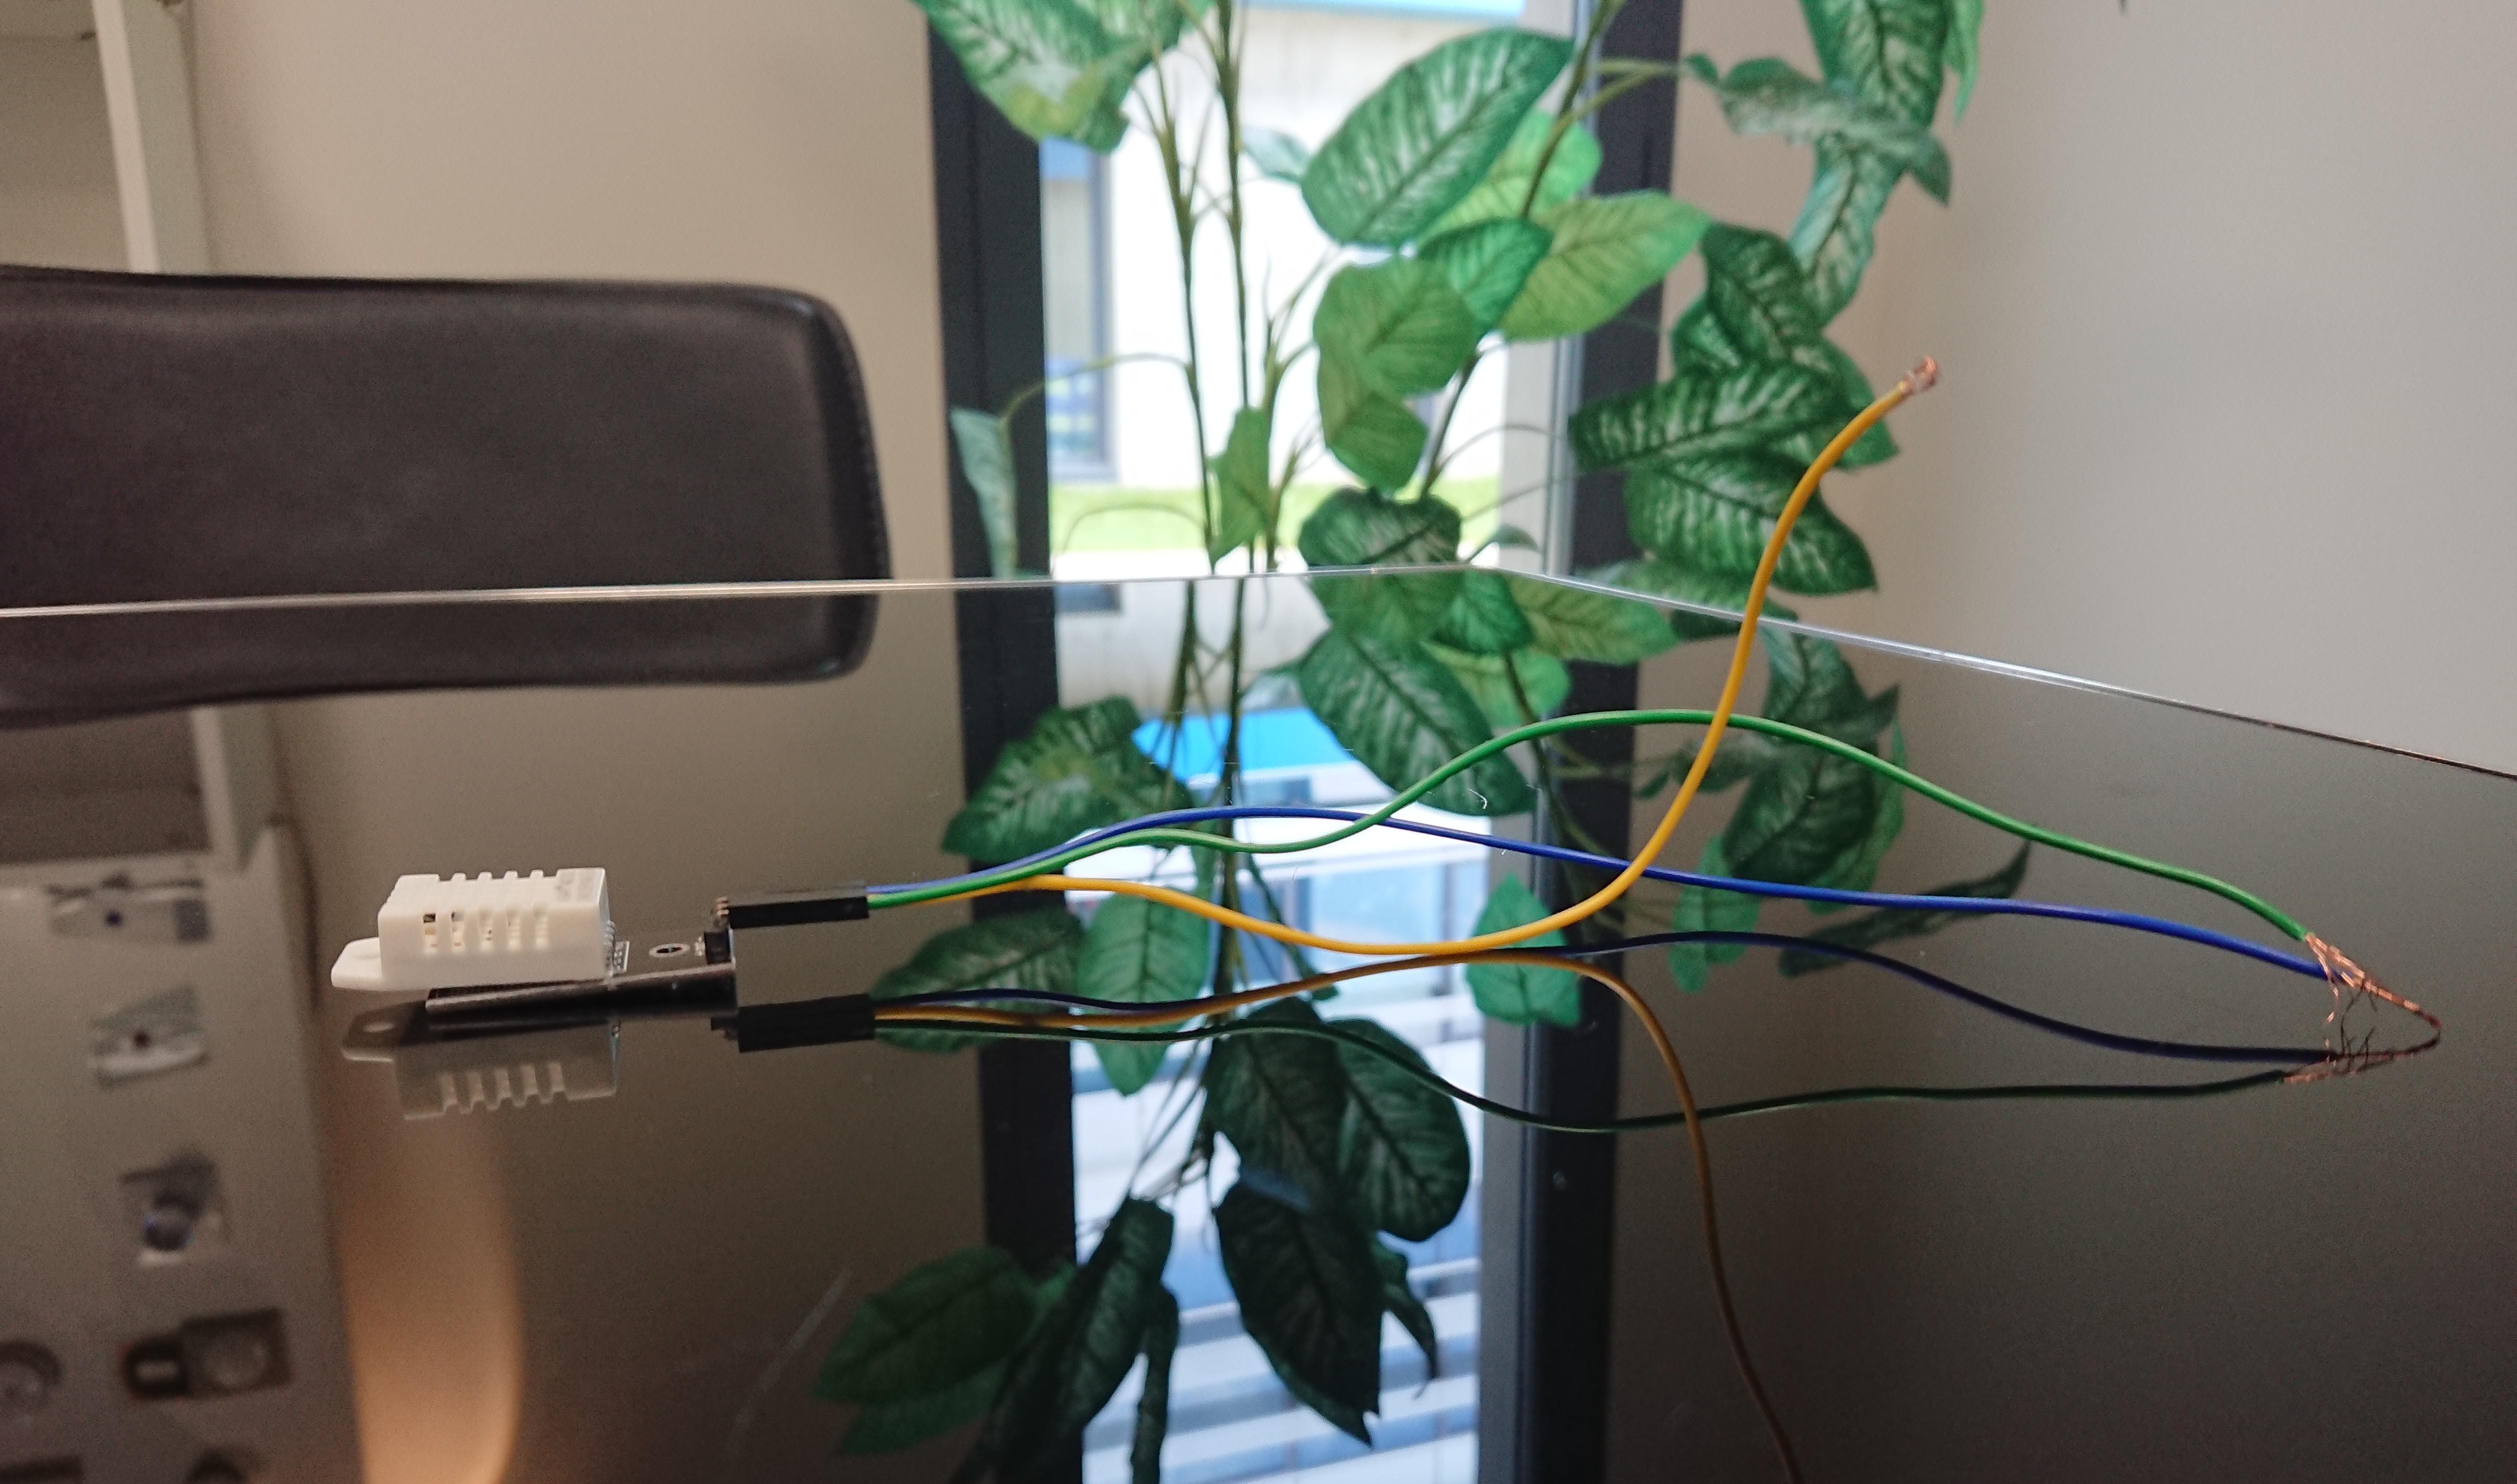 Comment automatiser la vitesse de sa VMC en fonction de l'humidité